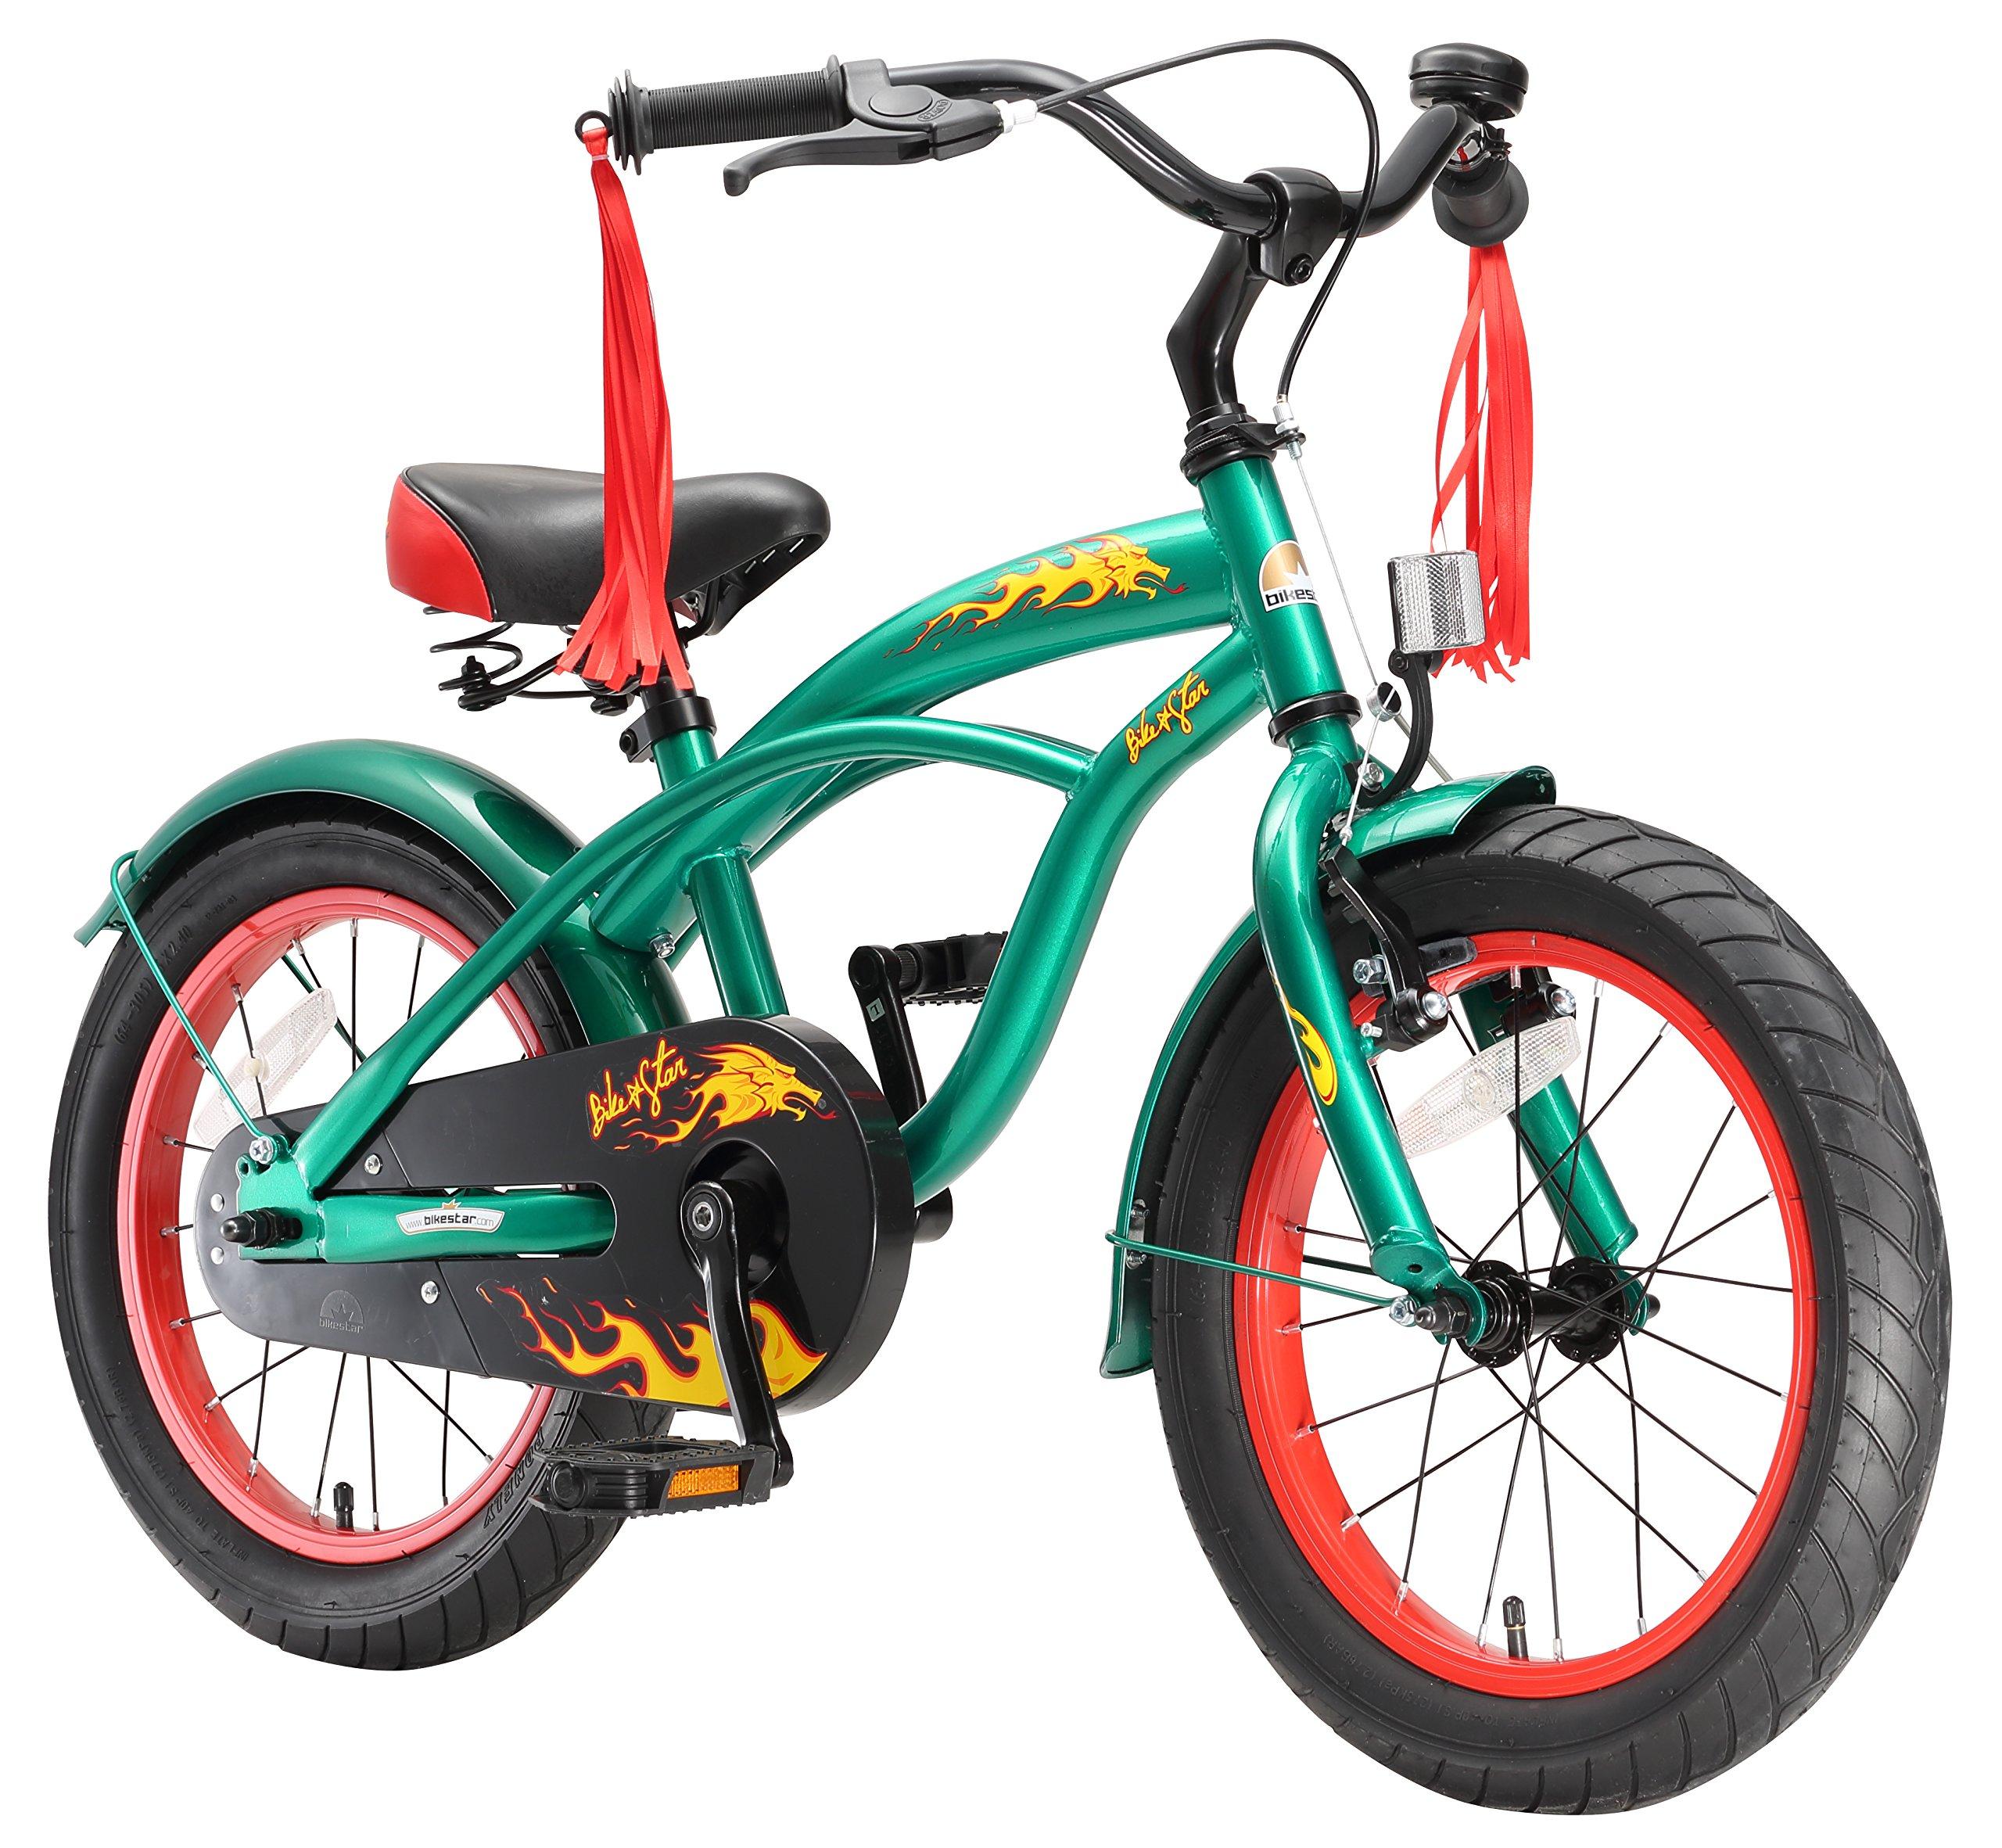 BIKESTAR® Premium Design Bicicletta per Bambini mitico! Giù 4 anno ? Edizioni 16ª Deluxe Cruiser ? C